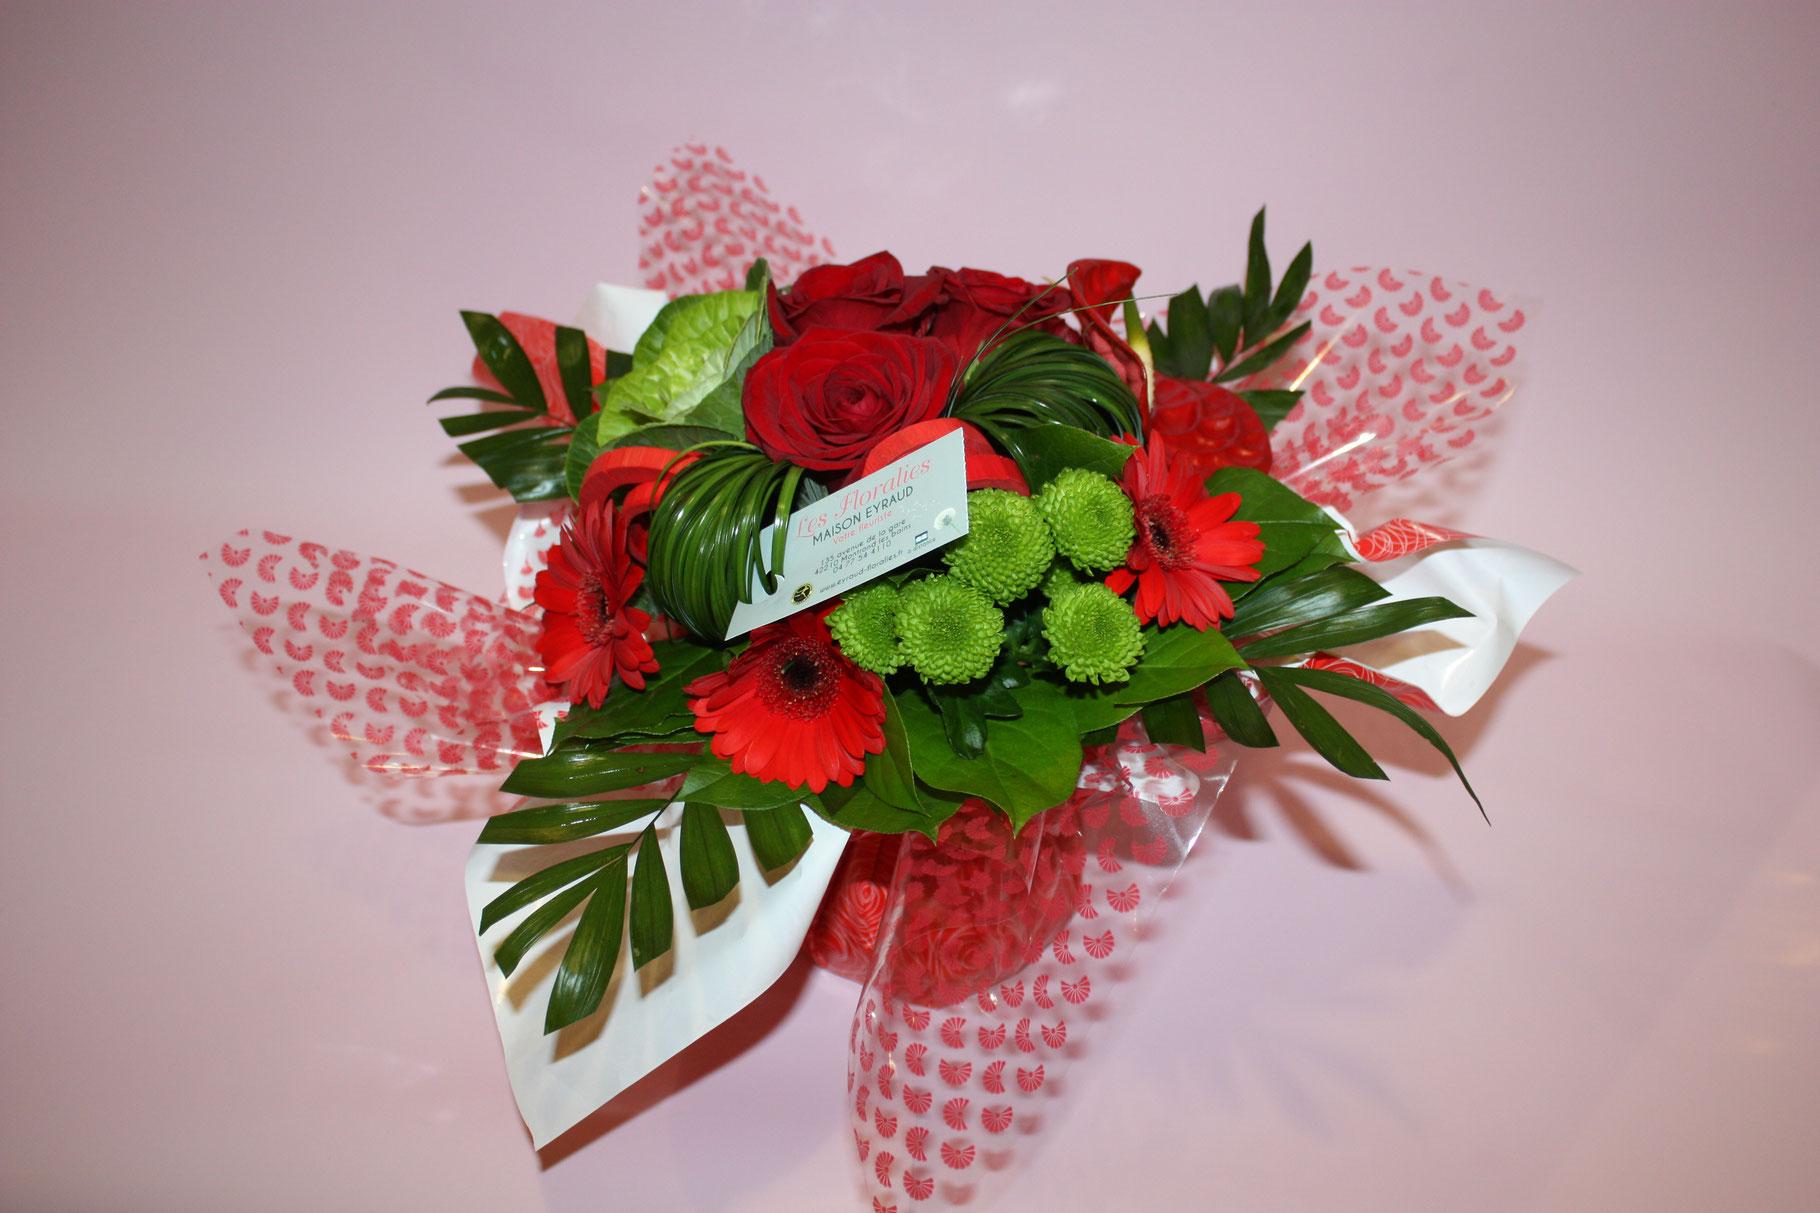 livraison - maison eyraud - les floralies